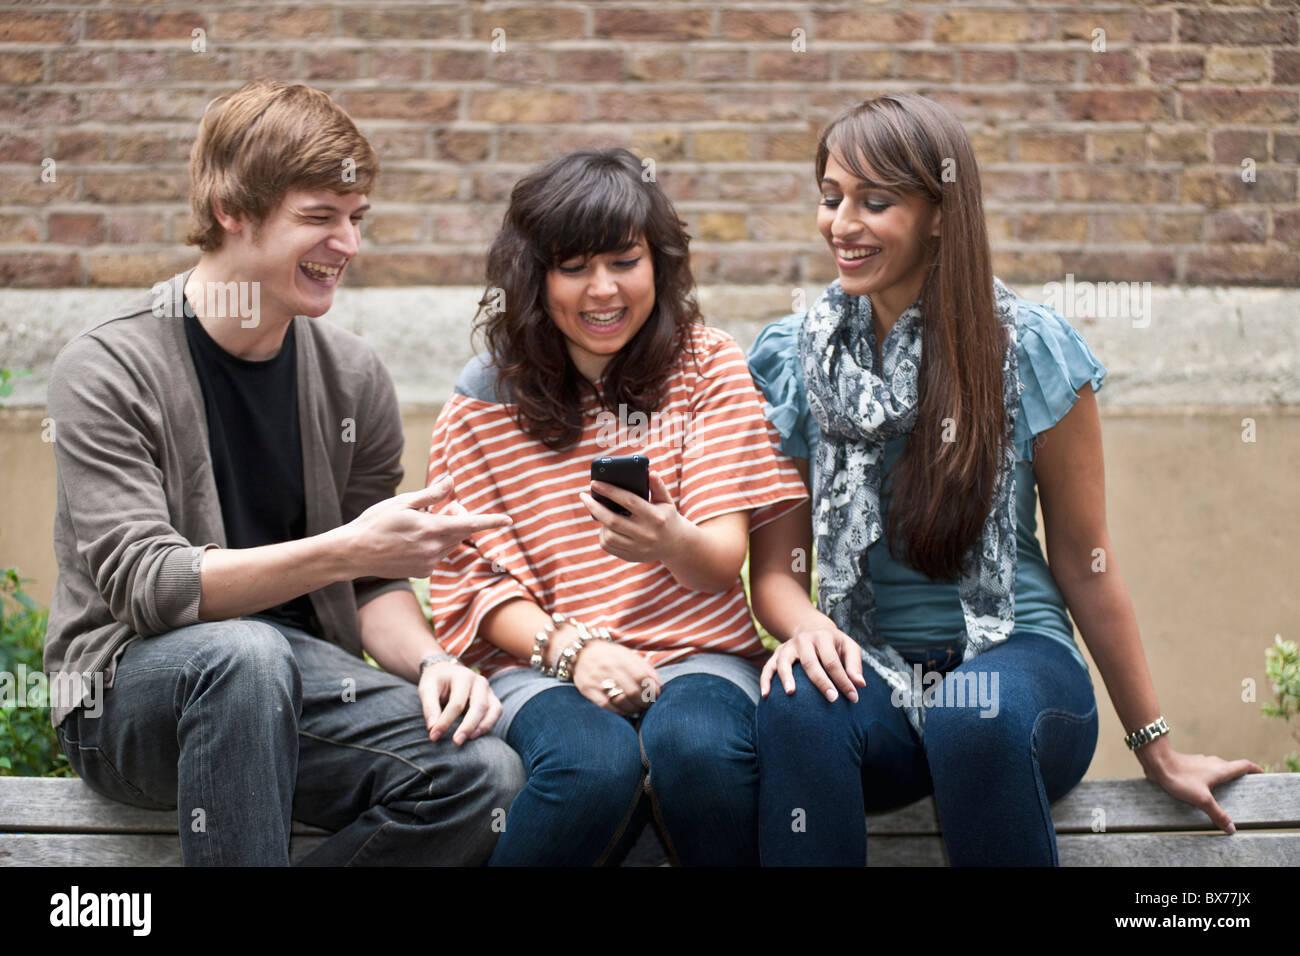 Le partage d'amis blague sur mobiles à l'extérieur Photo Stock